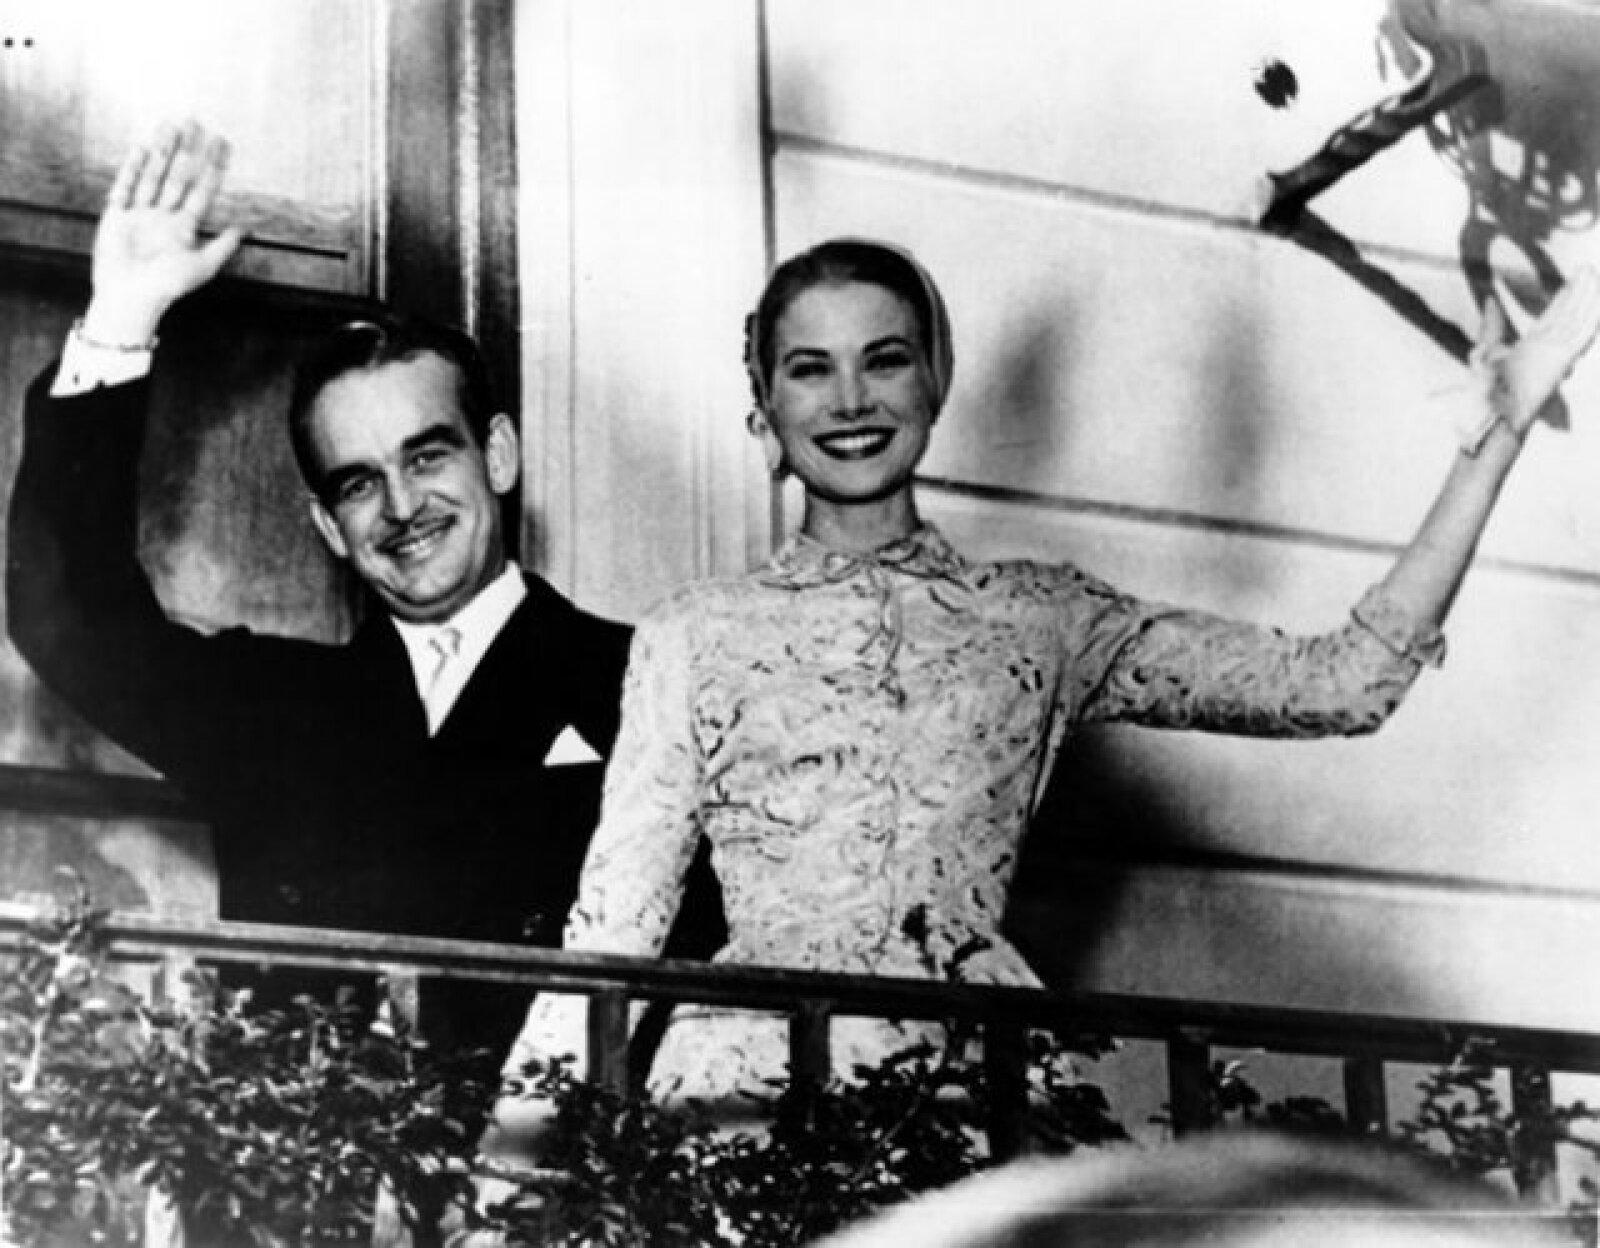 Rainiero y Grace se conocieron en Mónaco, cuando ella rodaba una película. Él visitó el hotel donde se hospedaba, desde que la vio quedó impresionado con ella y comenzó a buscarla.